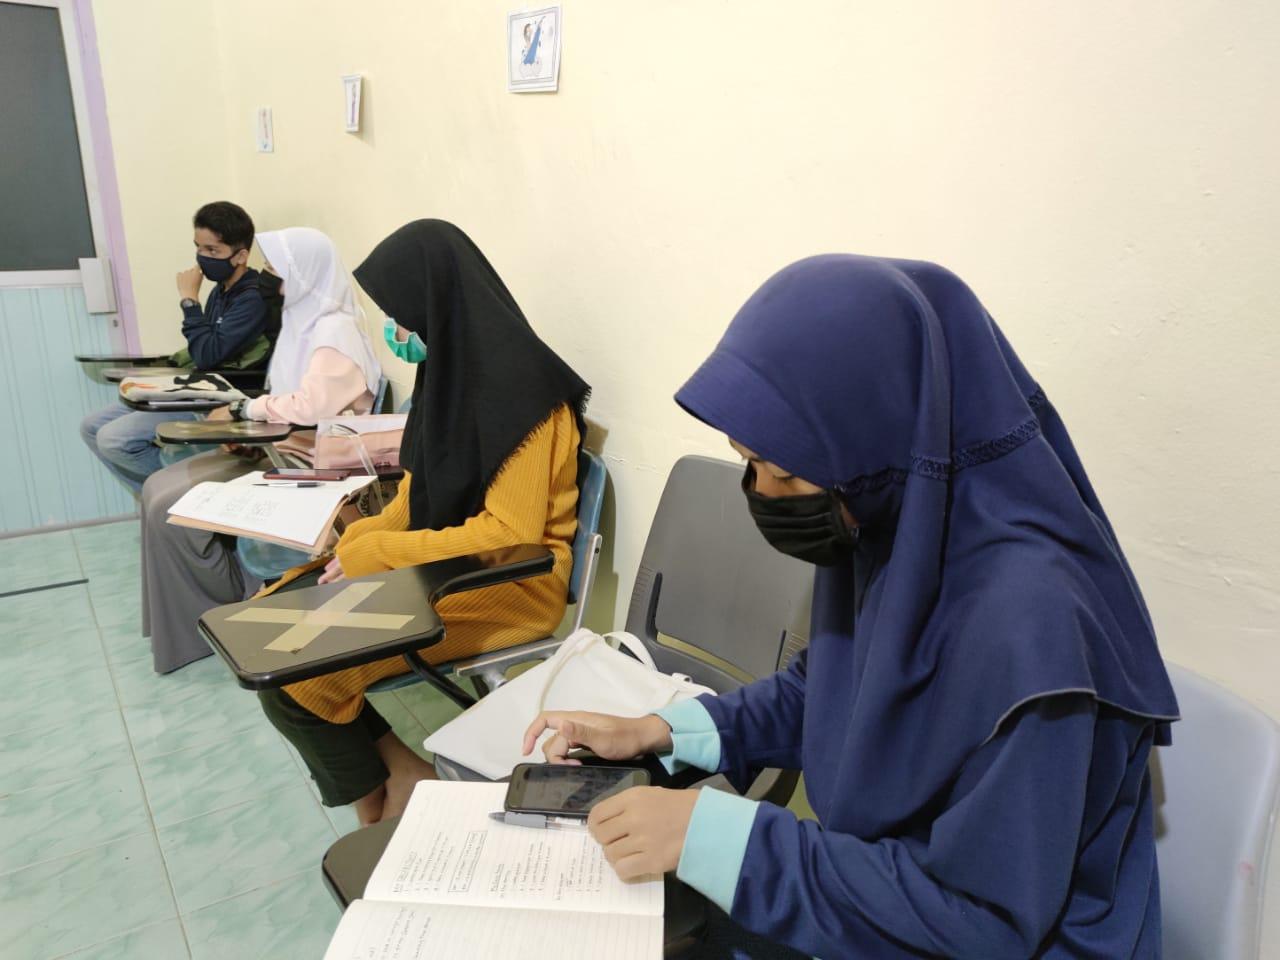 Kursus bahasa inggris pelajar, les bahasa inggris pelajar, tempat les bahasa inggris